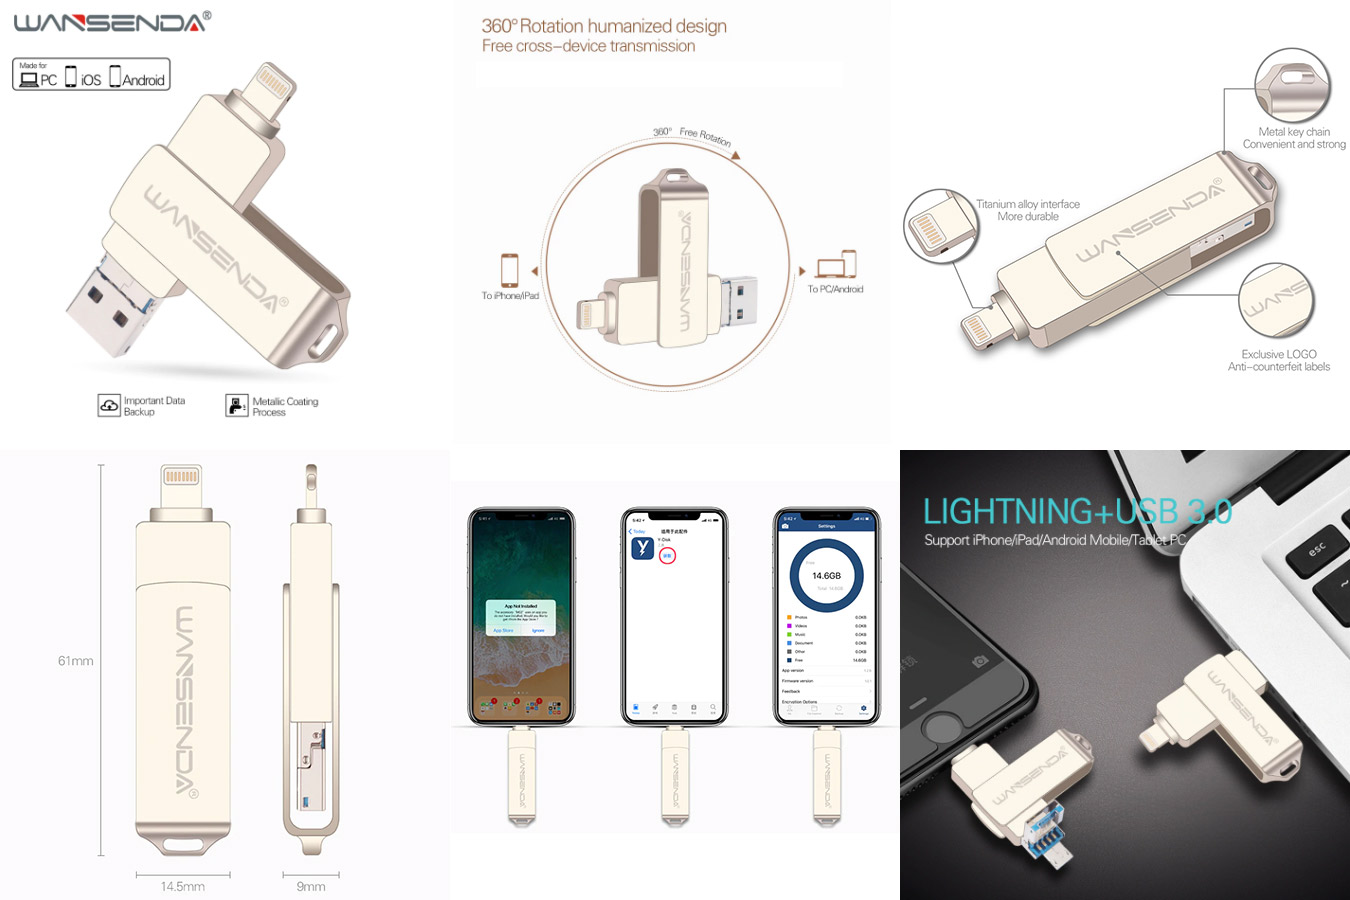 Металлическая флешка и карта памяти 2 в 1 WANSENDA USB Flash drive